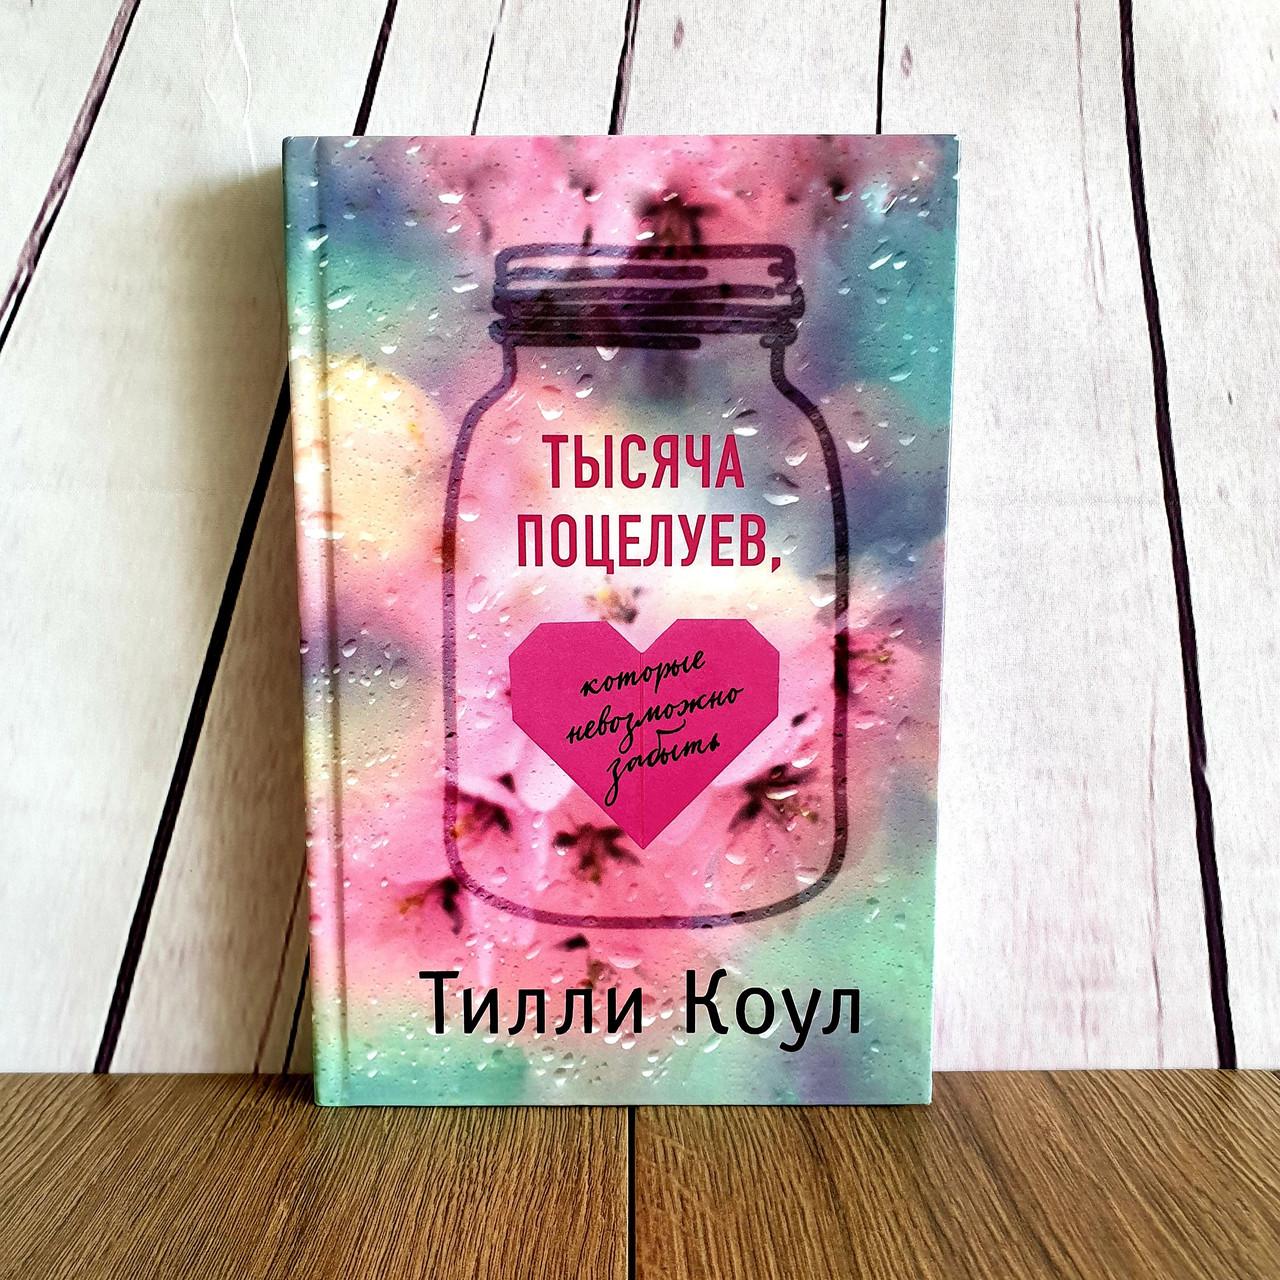 Книга «Тысяча поцелуев, которые невозможно забыть» — Тилли Коул